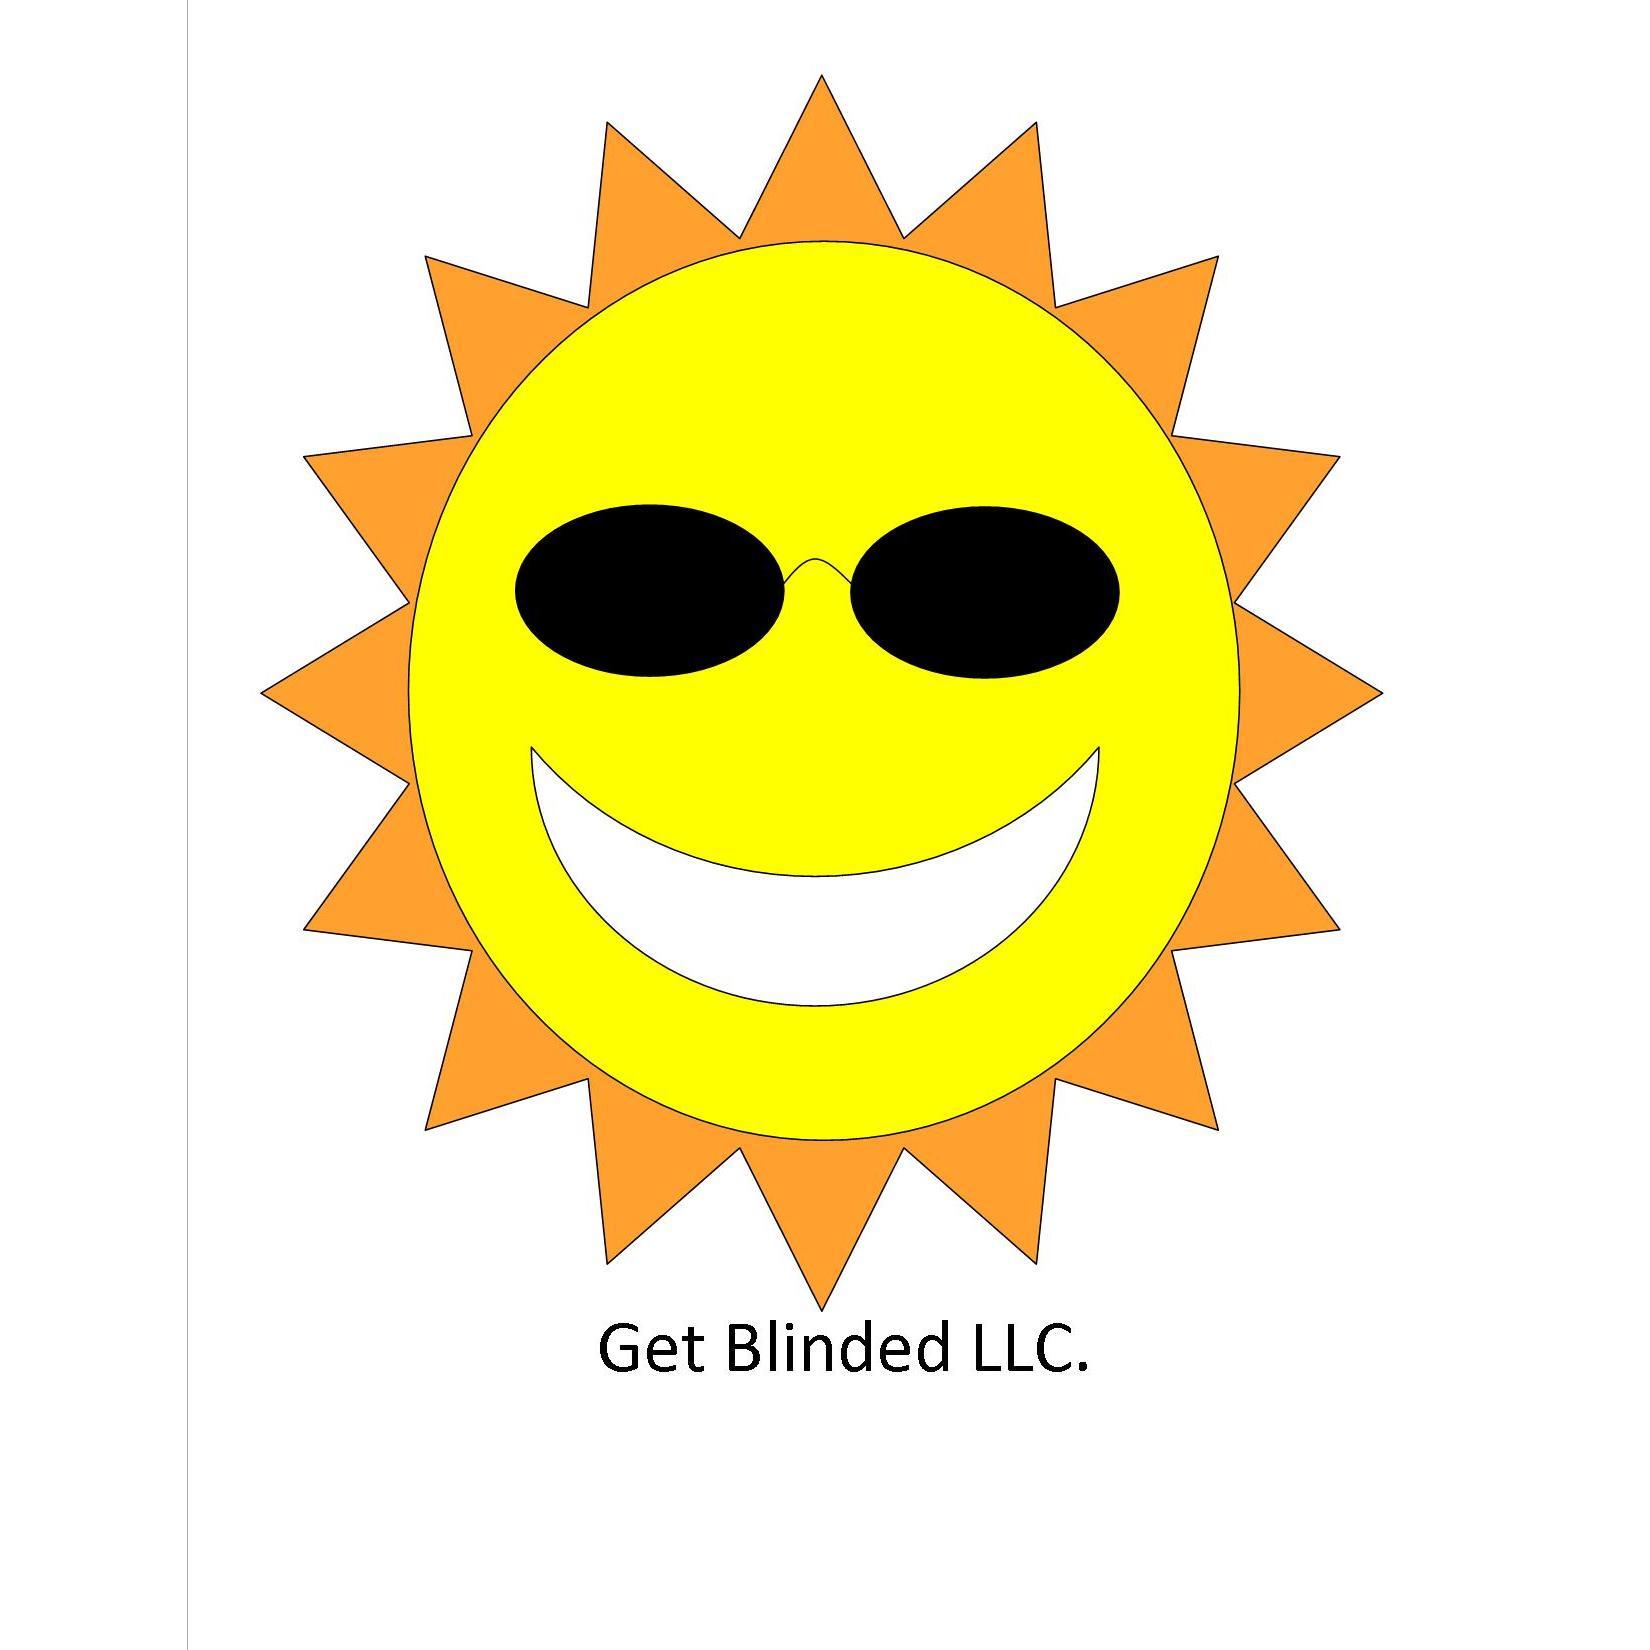 Get Blinded